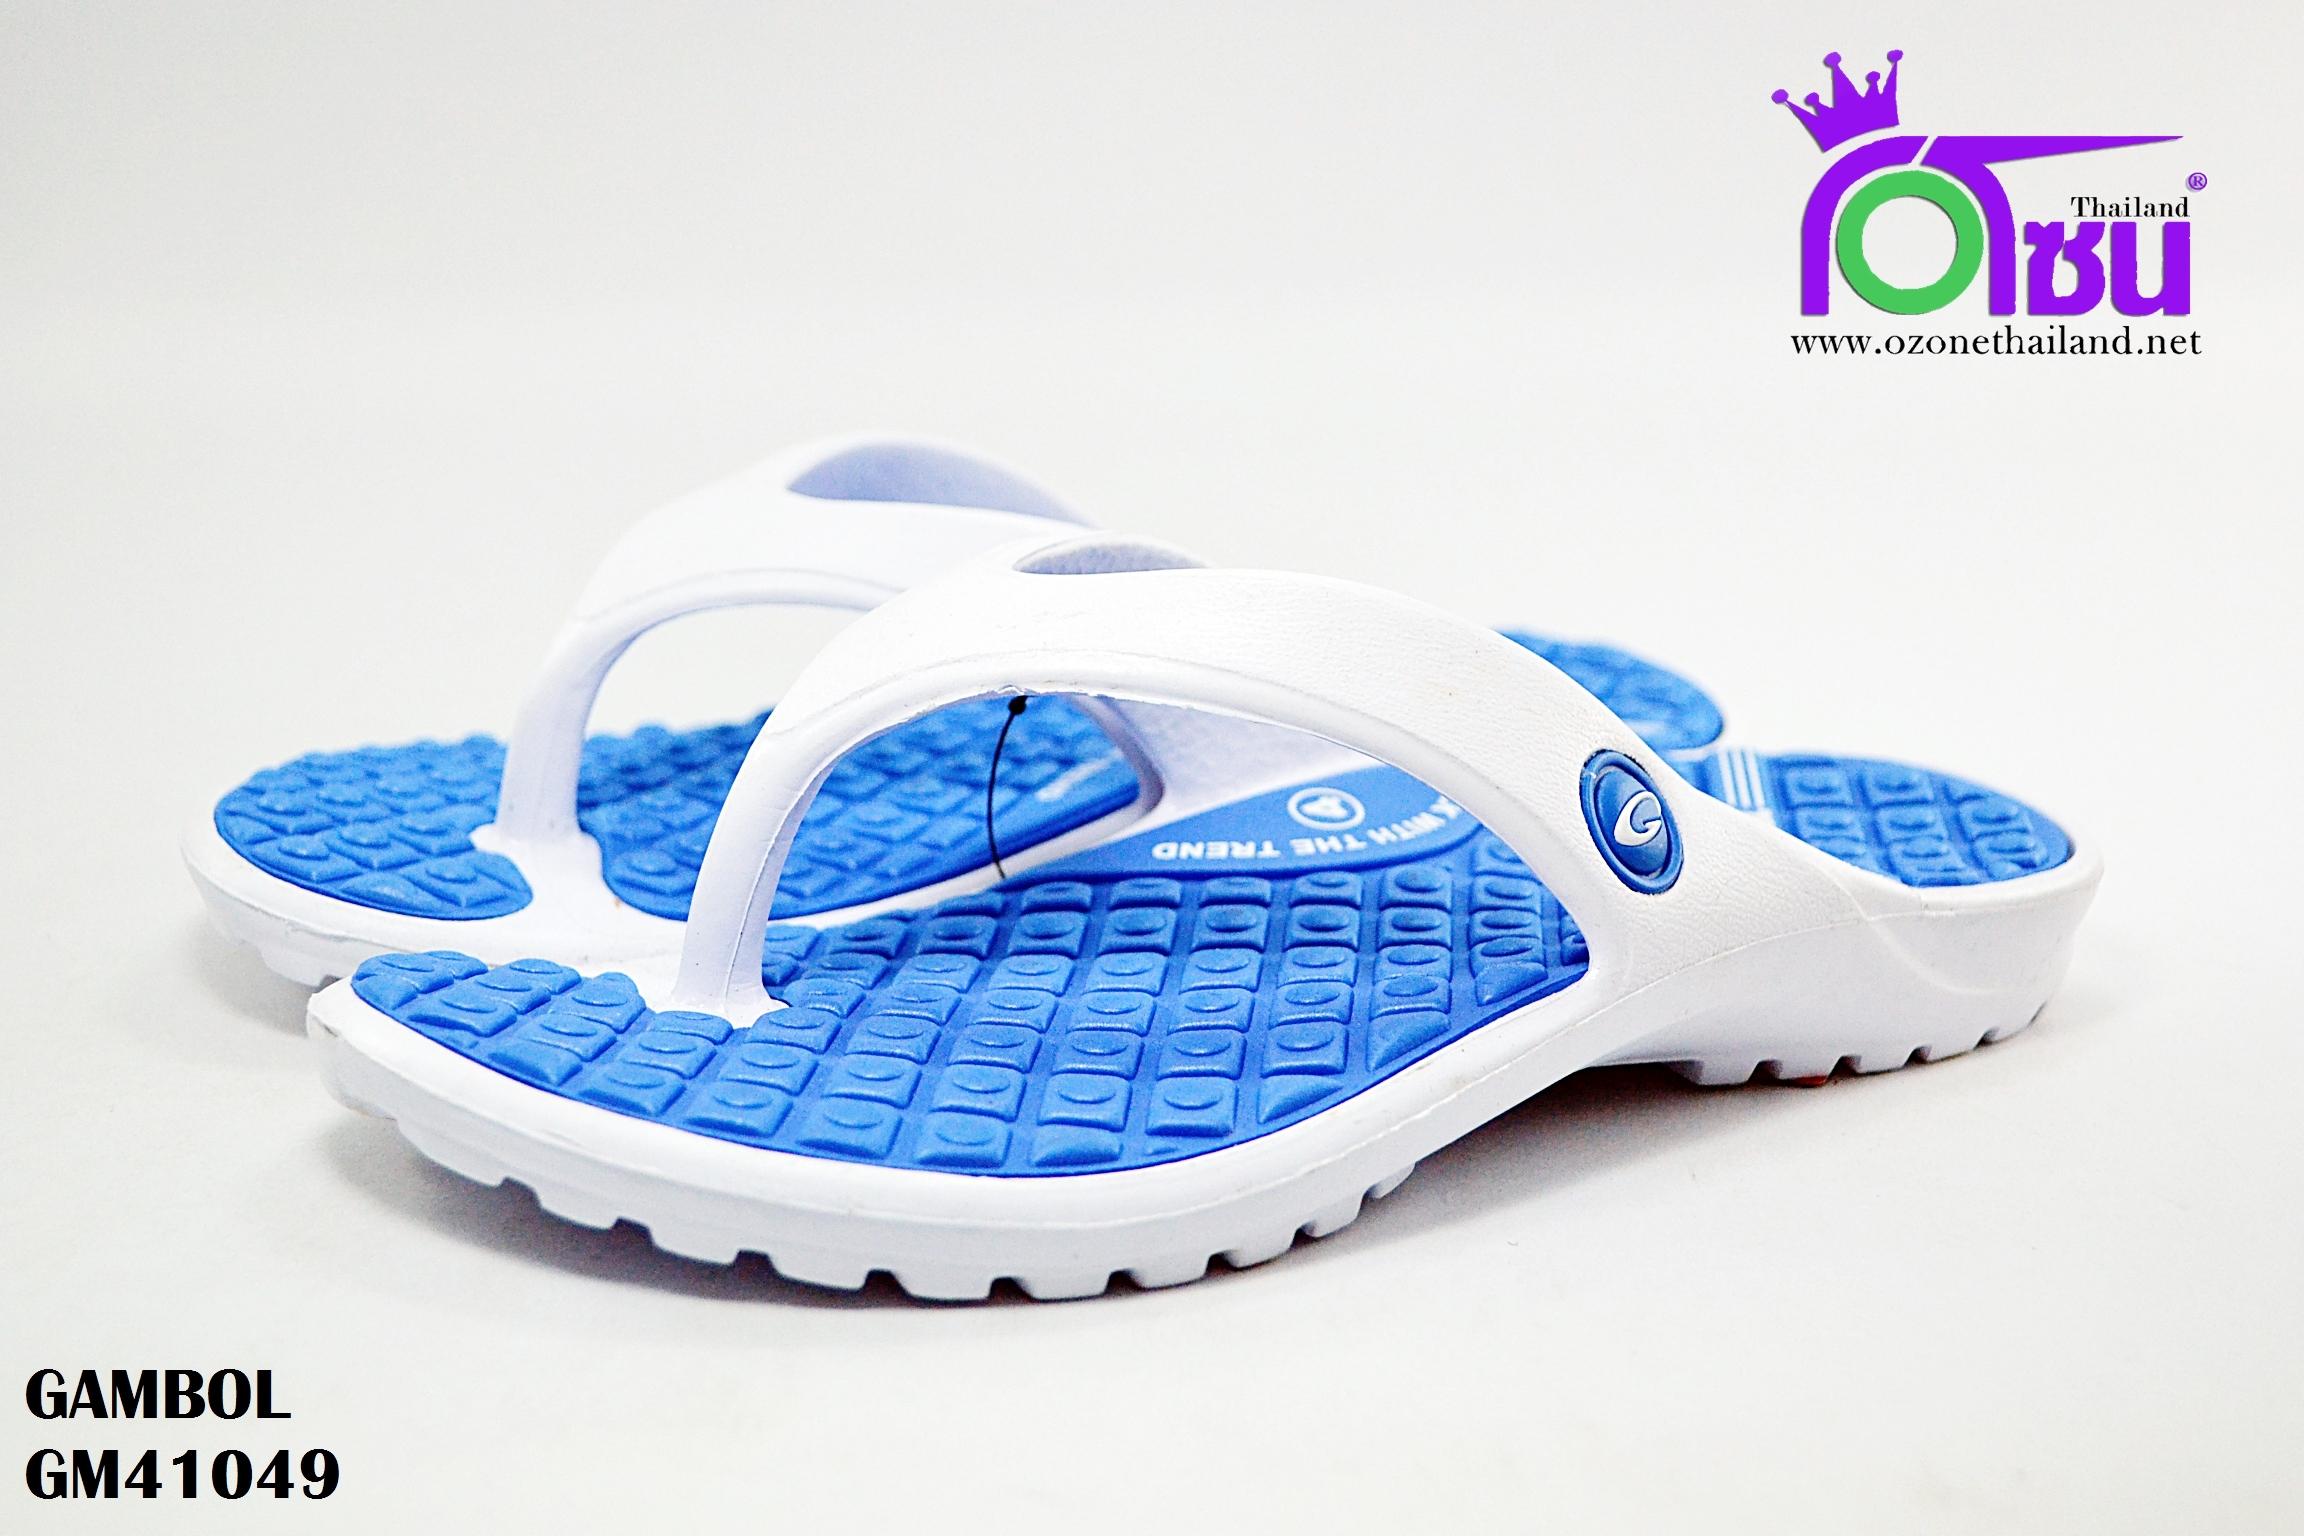 รองเท้าแตะ GAMBOL แกมโบล รุ่น GM 41049 สีฟ้า เบอร์ 4-9